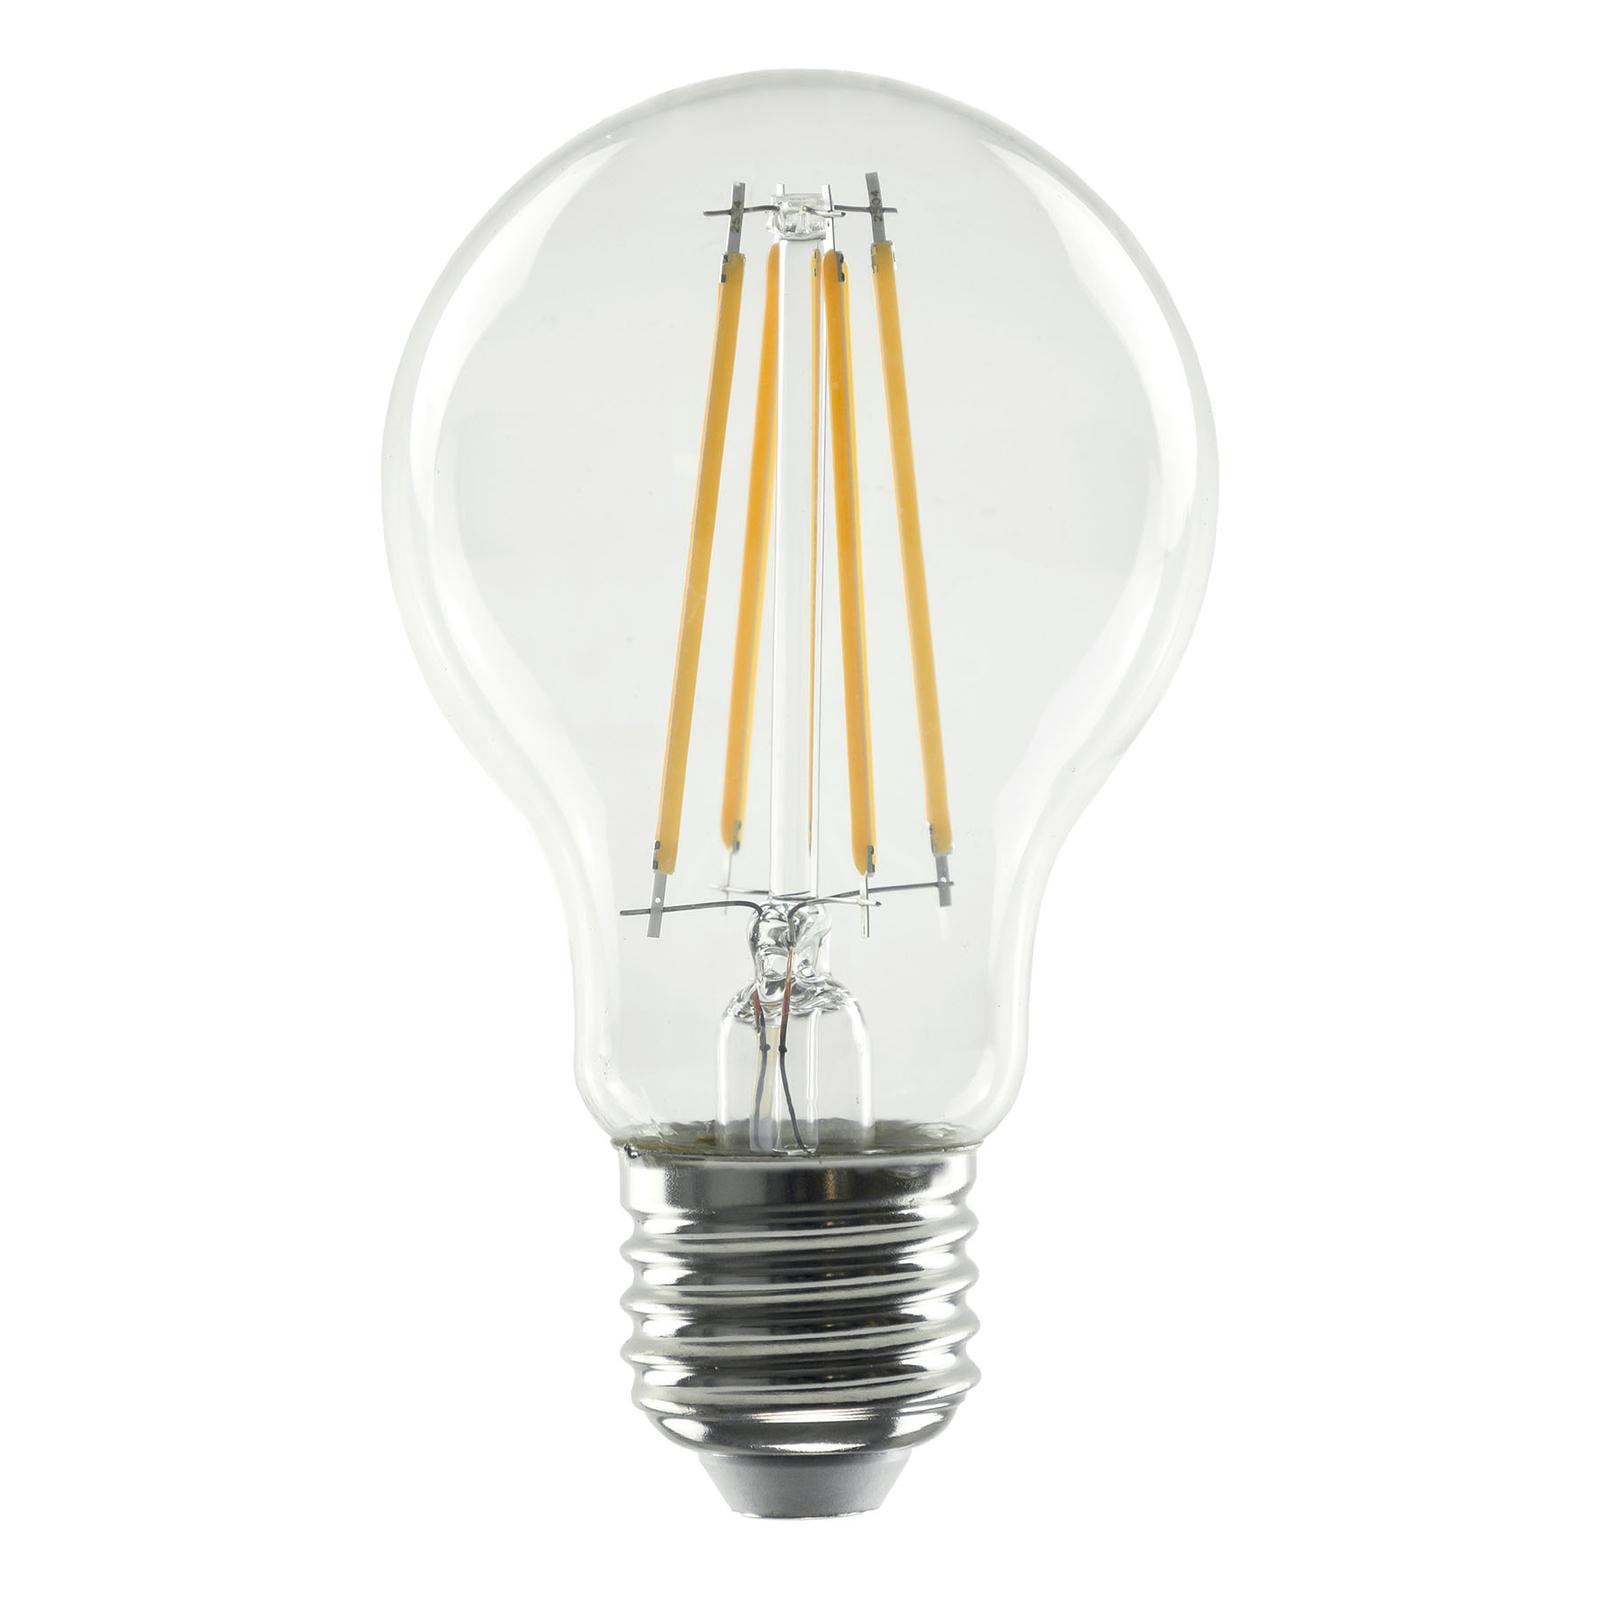 SEGULA LED-Lampe E27 8,5W 827 Filament klar